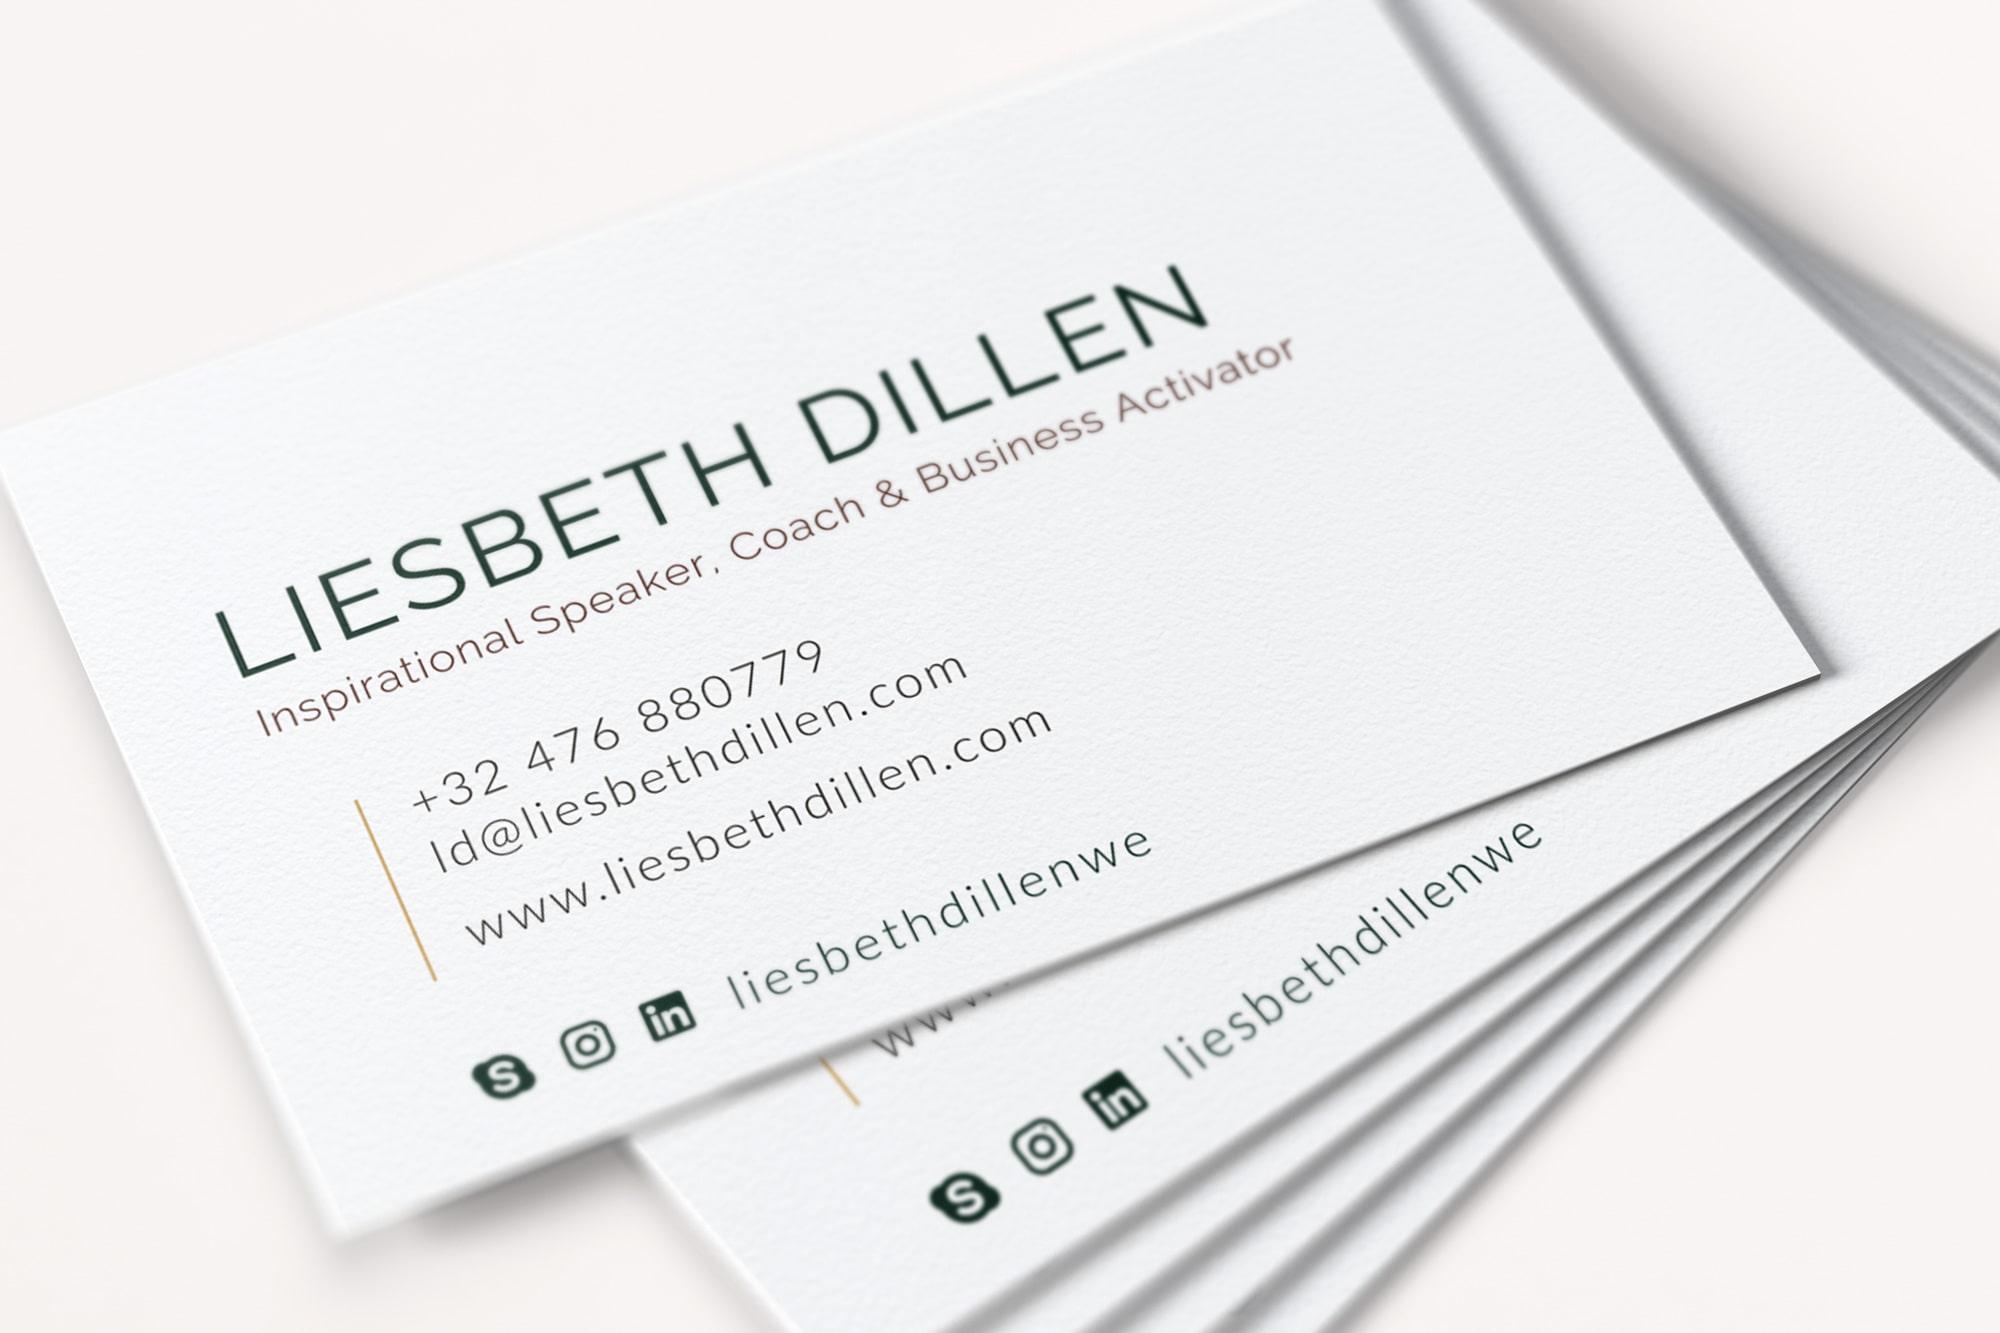 WEB, Brand, Content | VJS Agency | Liesbeth Dillen Business Cards